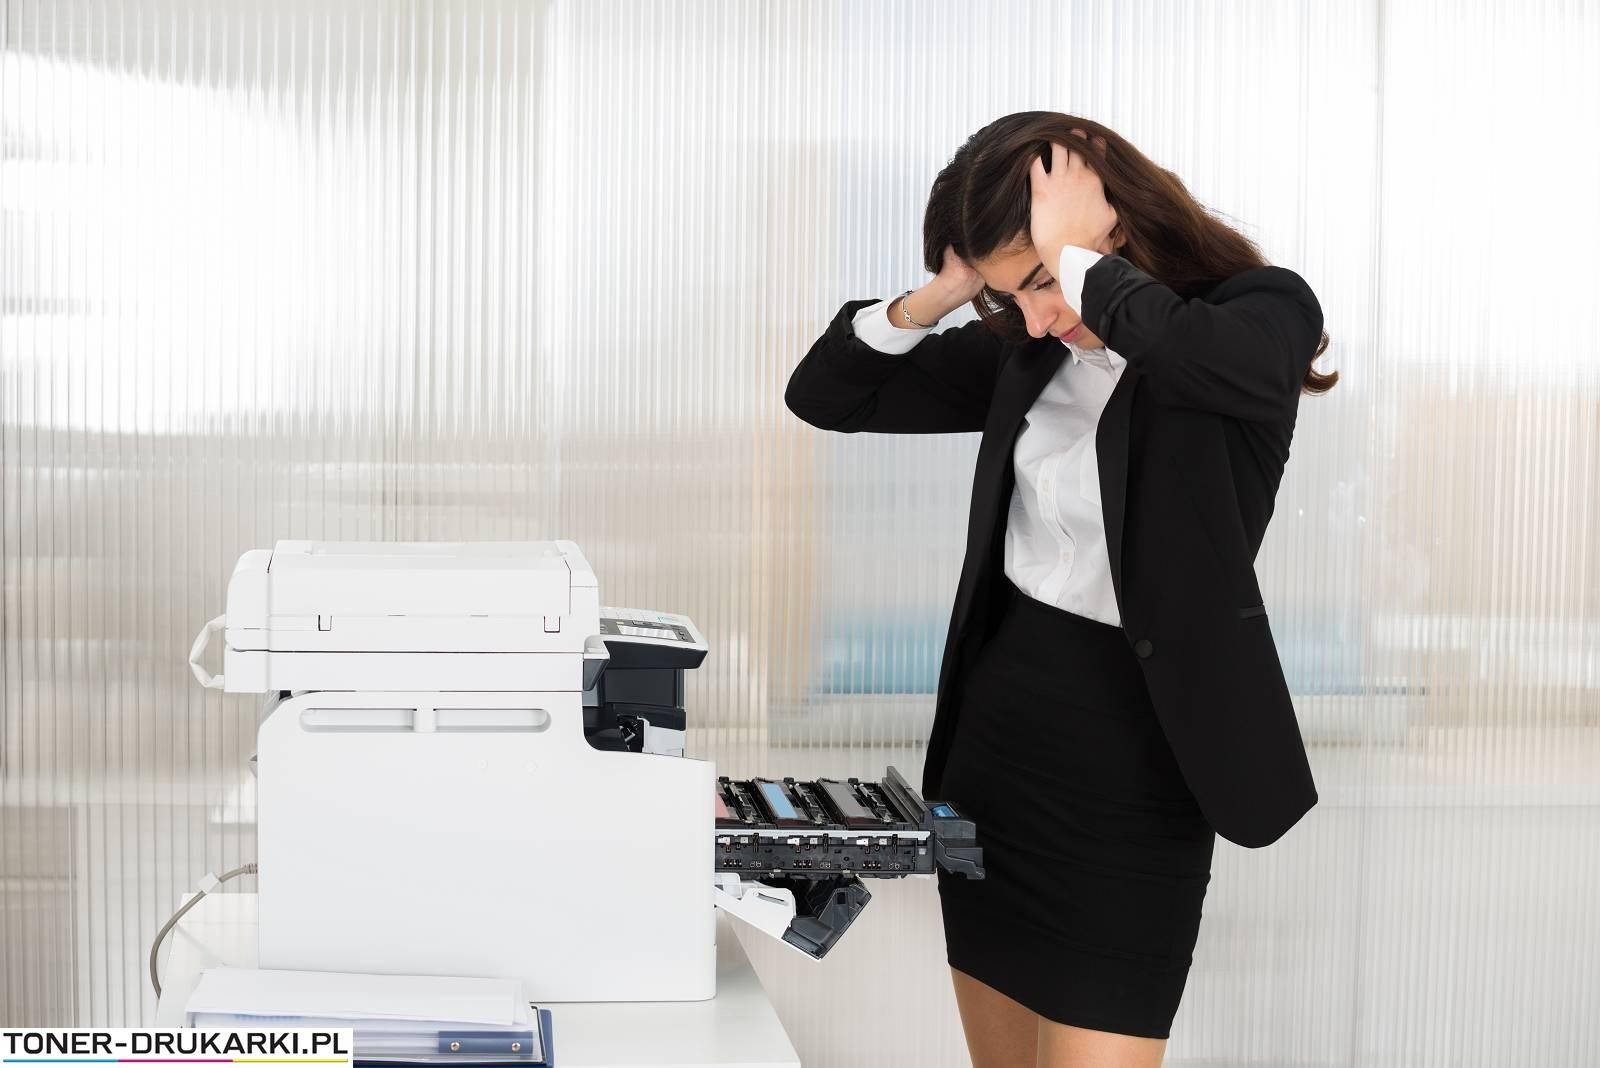 Problemy podczas drukowania